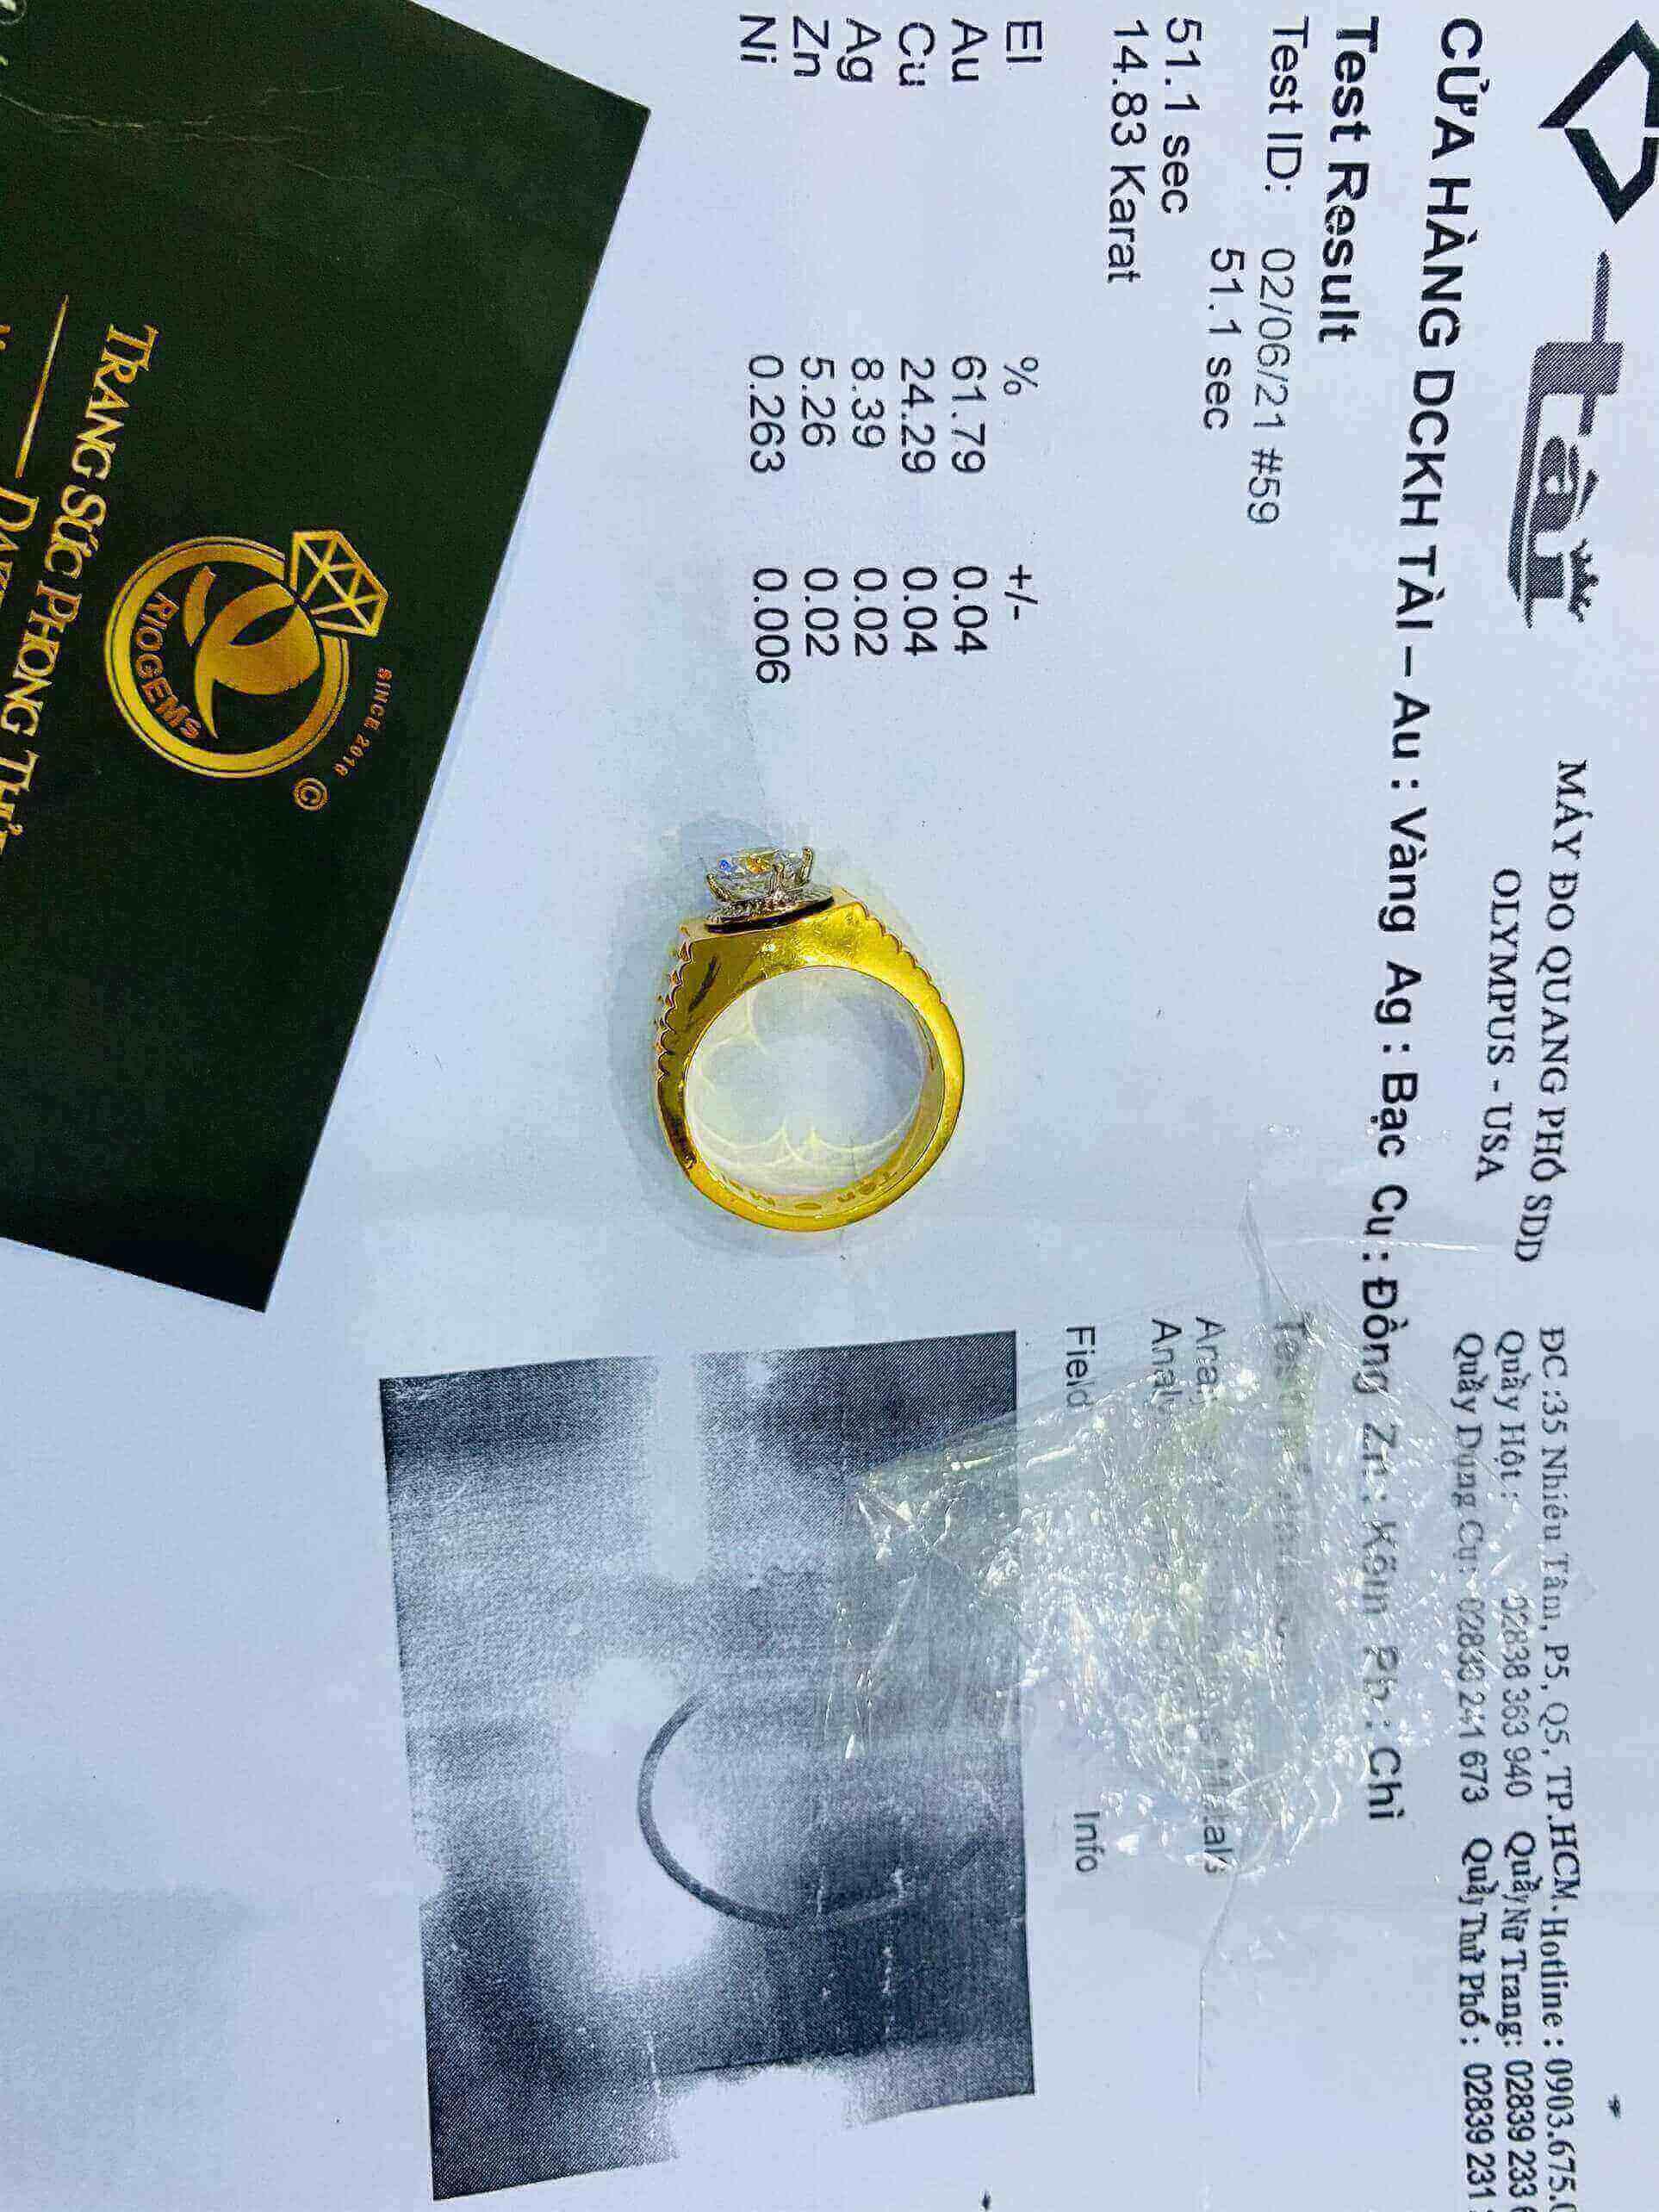 Nhẫn Rolex đính đá Zc phong thủy cho nam giới